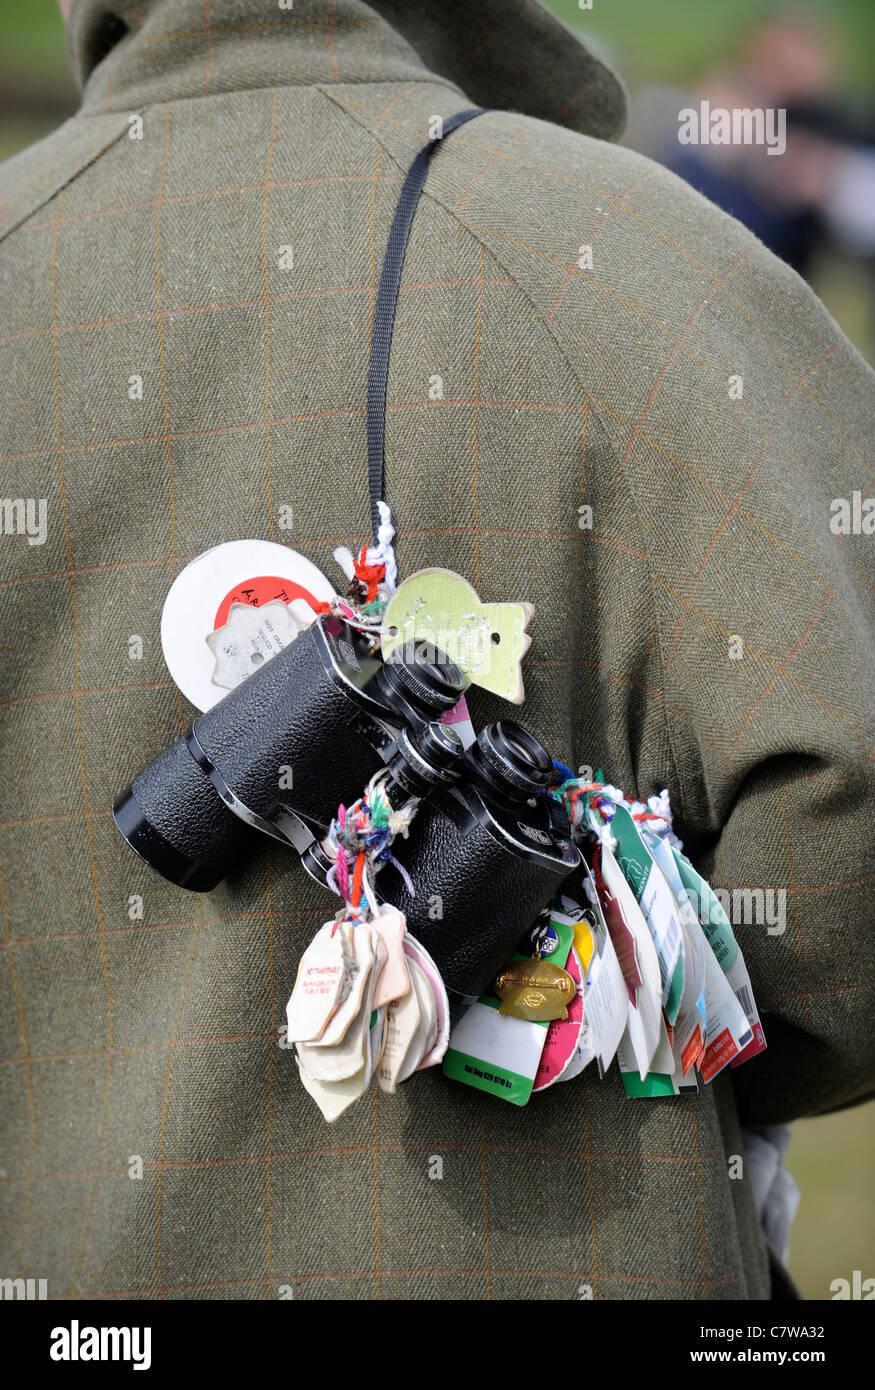 Un cavallo gli appassionati di corse binocolo con badge riunione fissata REGNO UNITO Immagini Stock